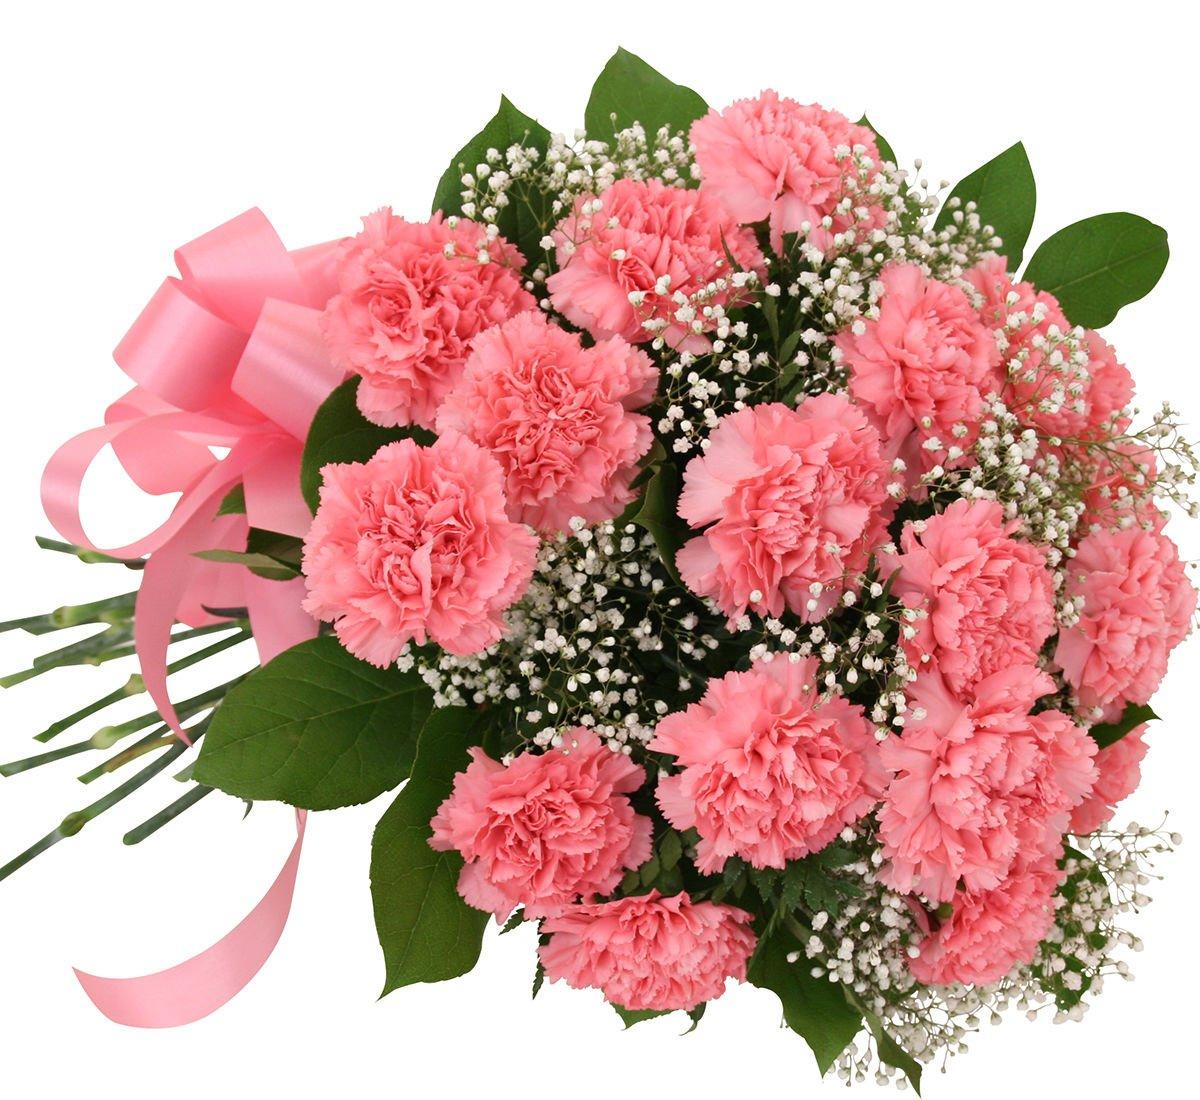 Картинки с красивым букетом цветов гвоздики, своих подружек